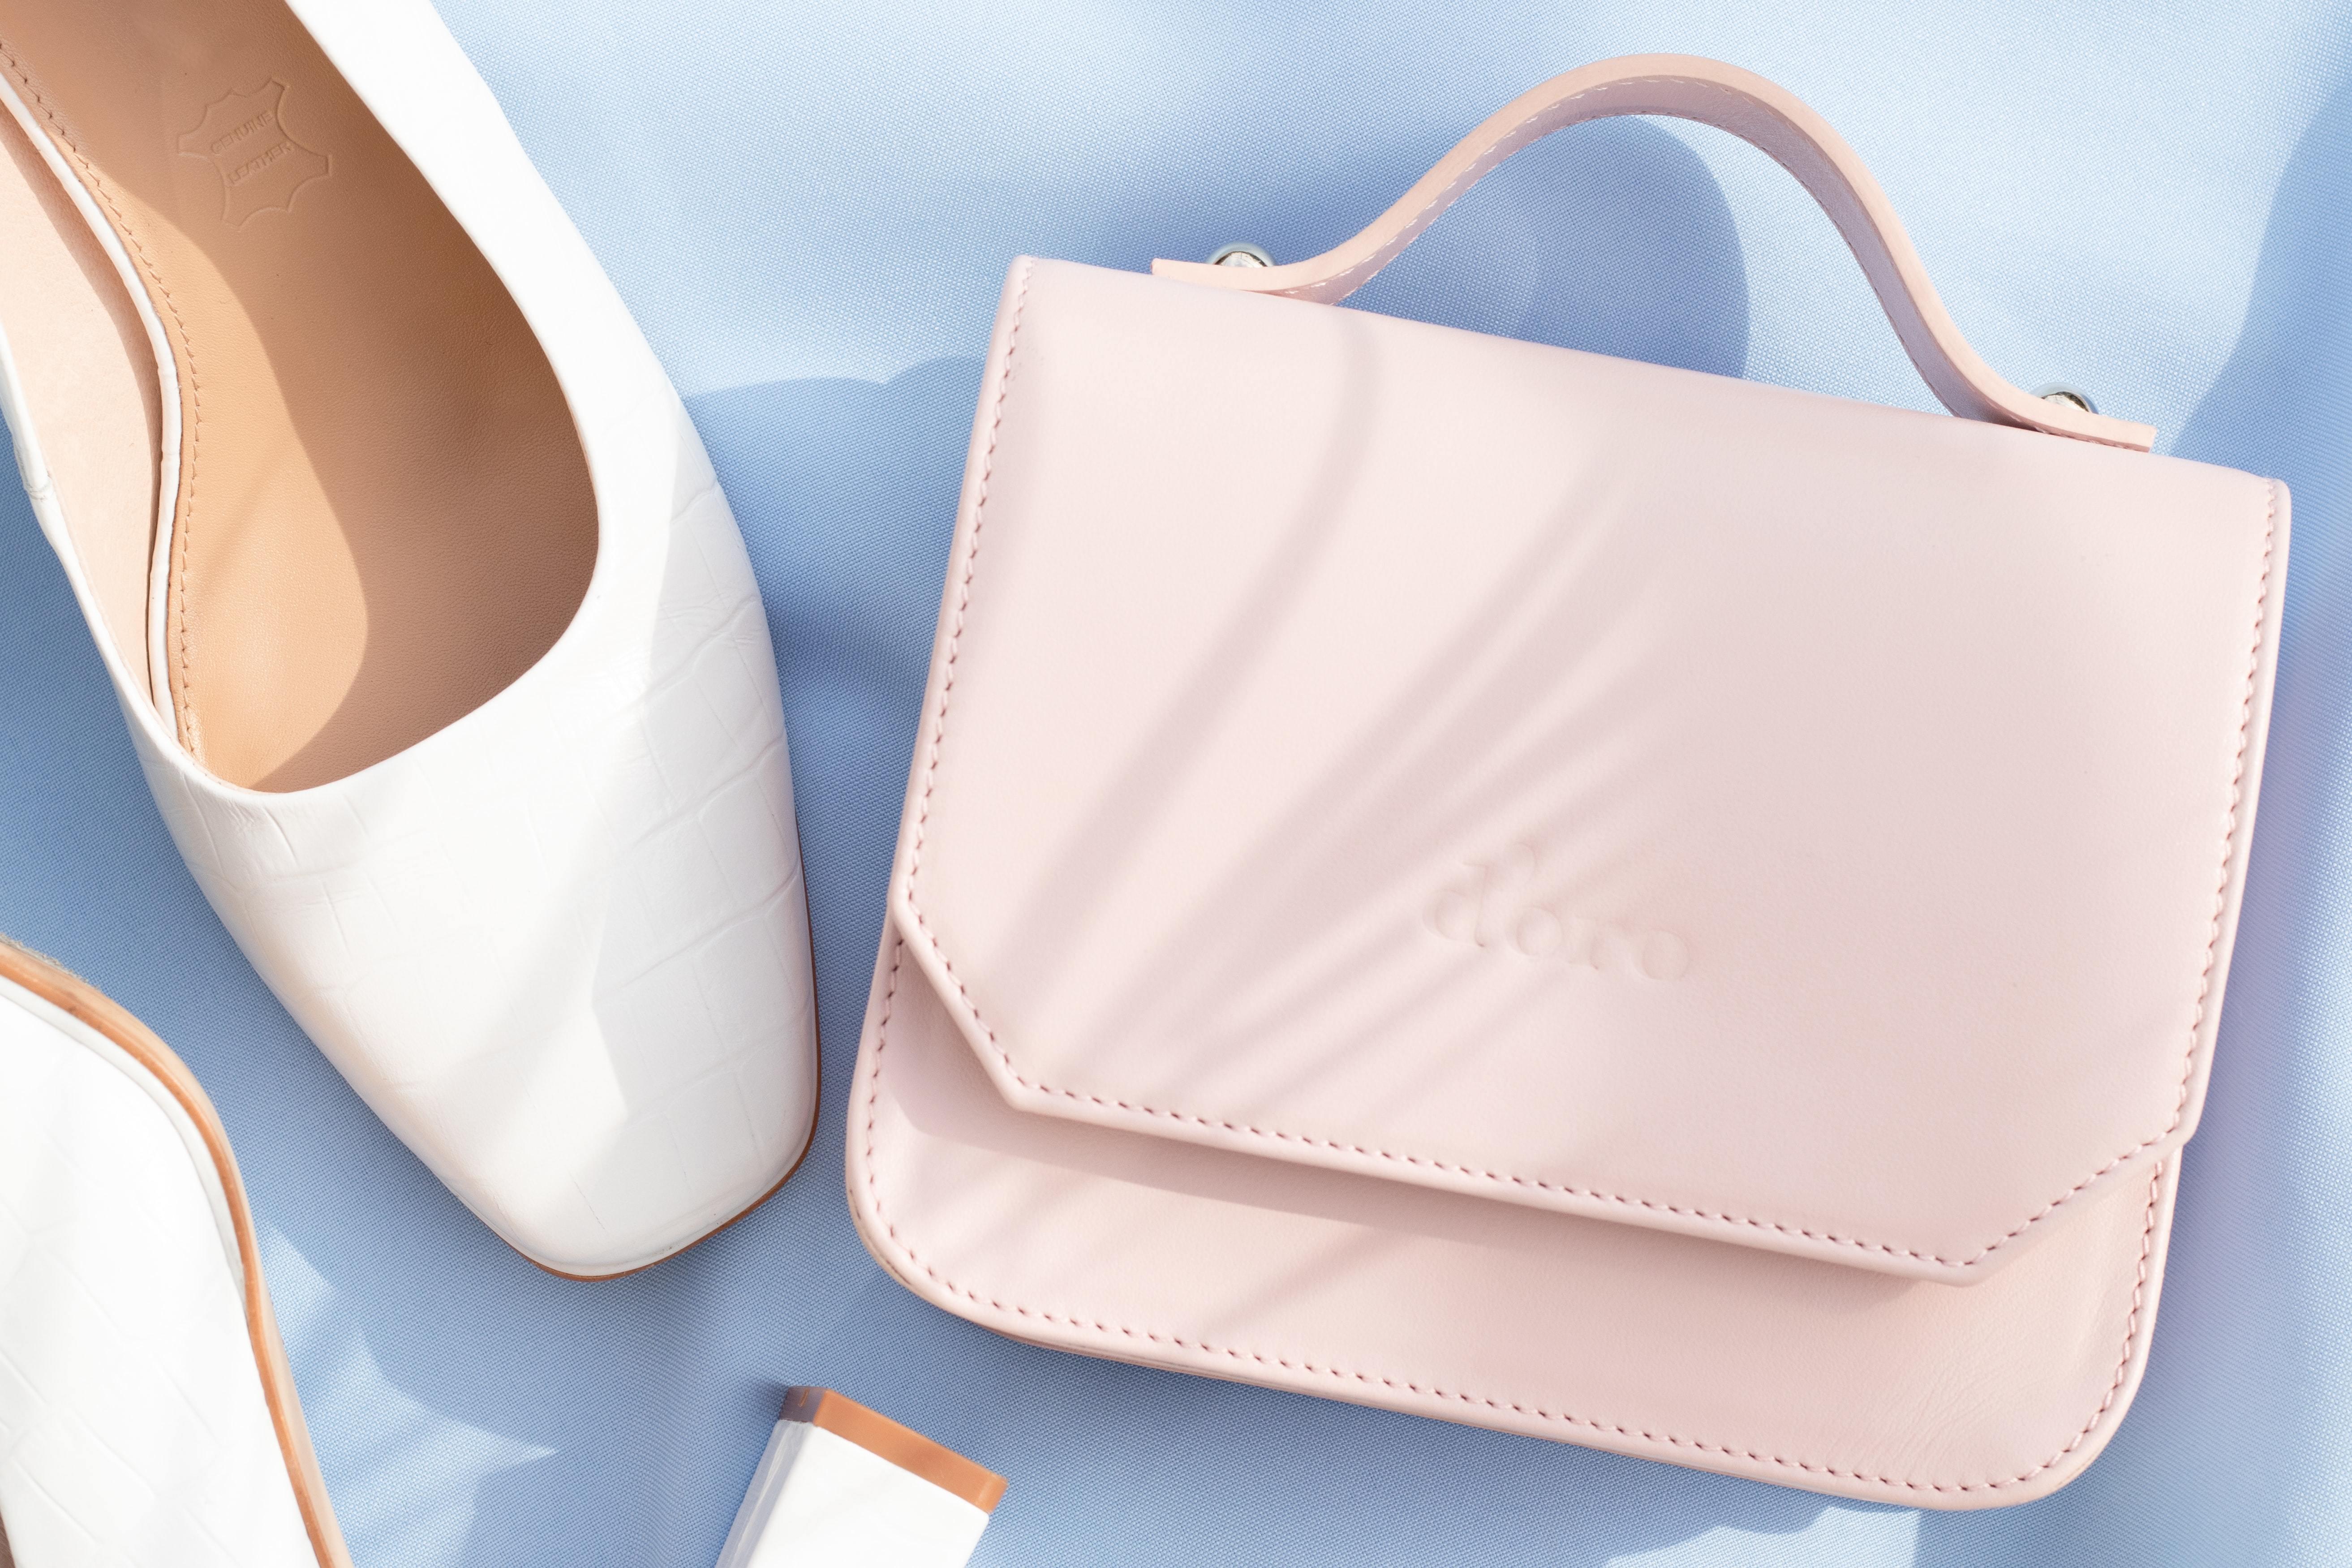 ピンクのバッグとホワイトの靴